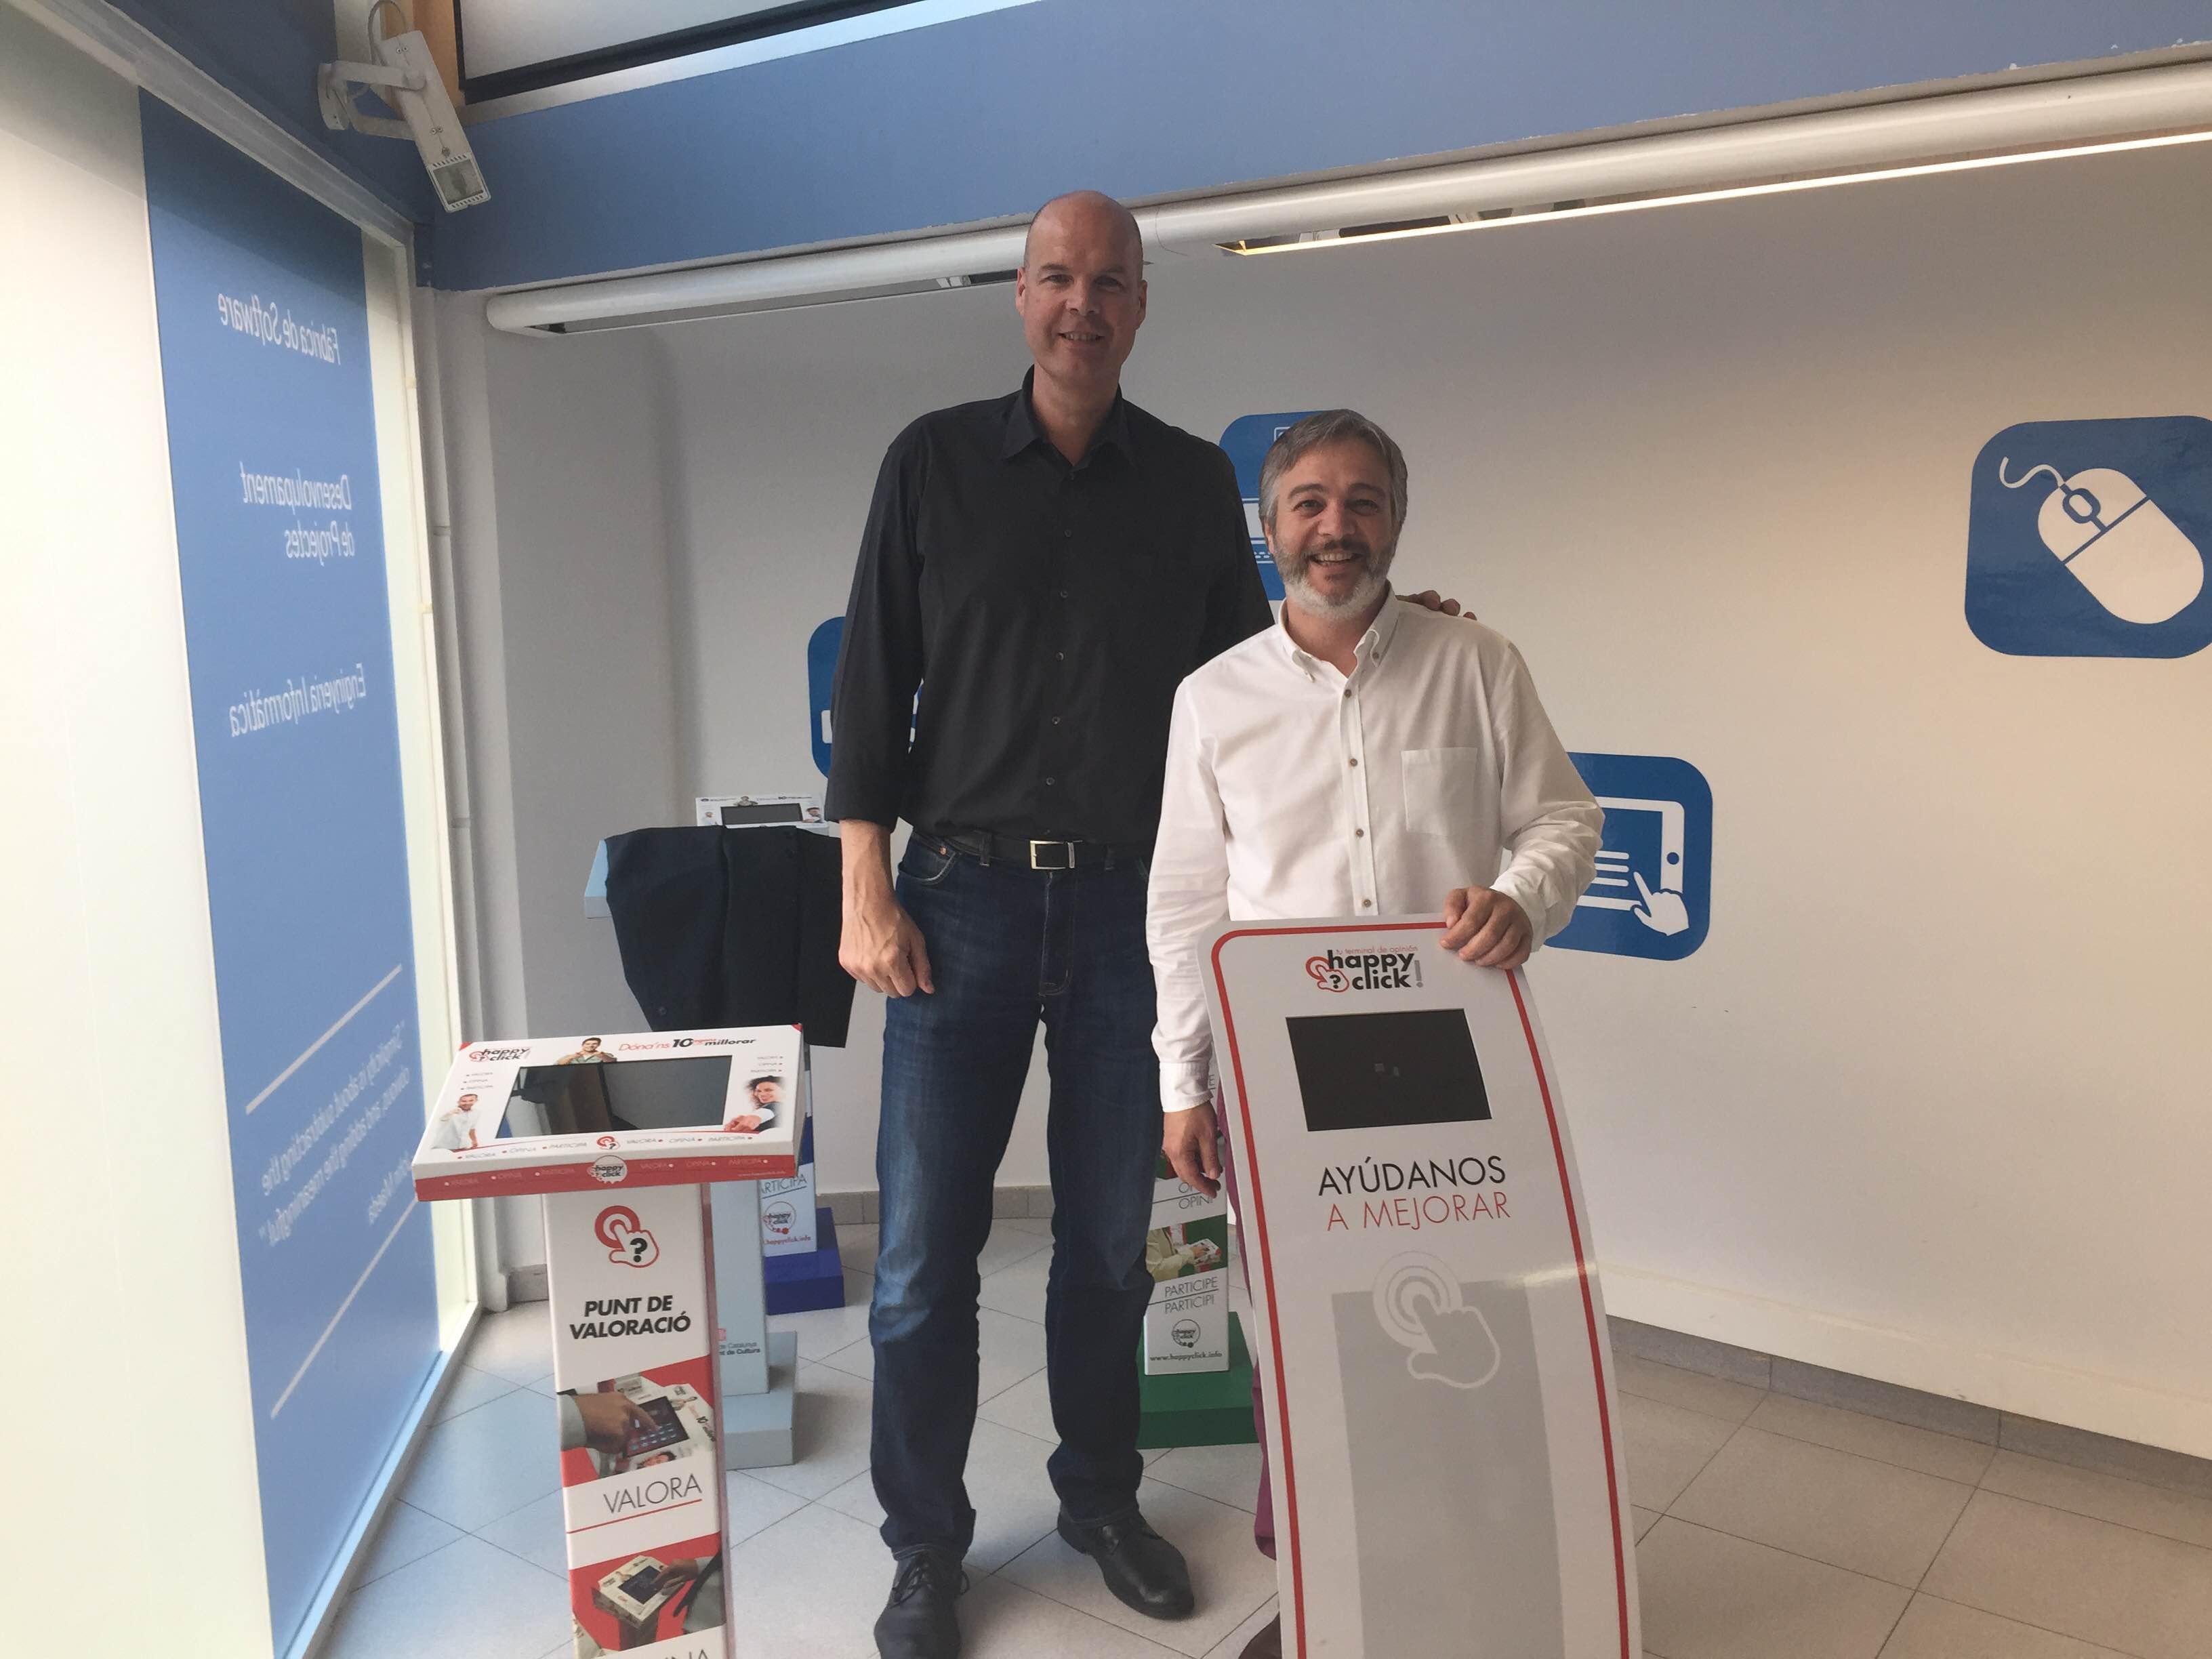 Ferran Martinez ex-jugador de baloncesto del Barcelona y actualmente Presidente de Lánzame Capital visita las instalaciones de happyclick.